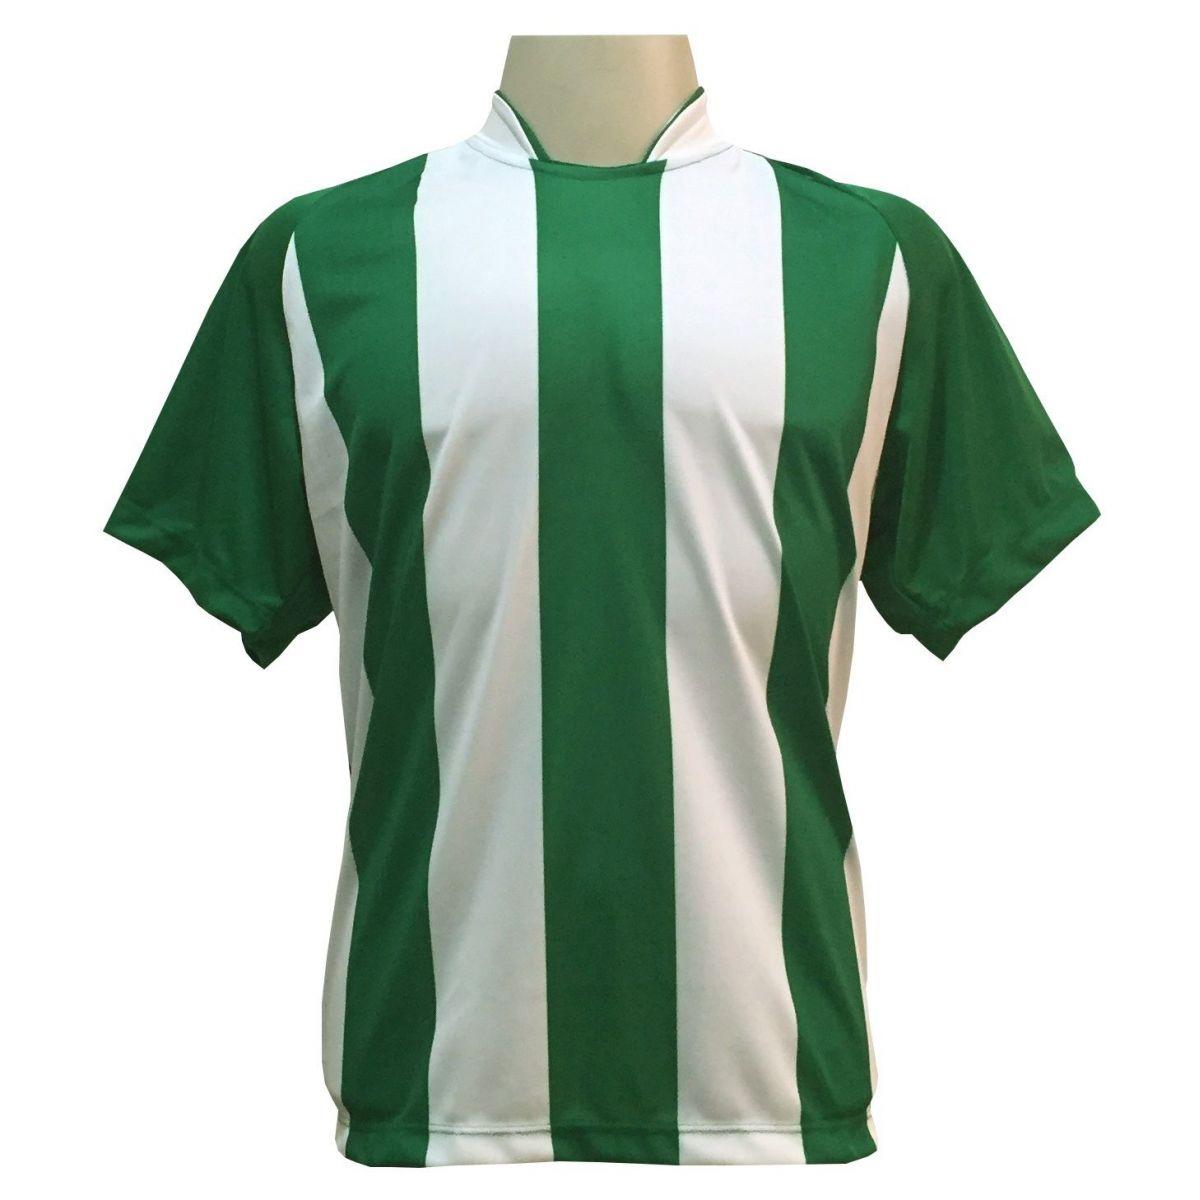 Fardamento Completo modelo Milan 18+1 (18 Camisas Verde/Branco + 18 Calções Madrid Branco + 18 Pares de Meiões Verdes + 1 Conjunto de Goleiro) + Brindes